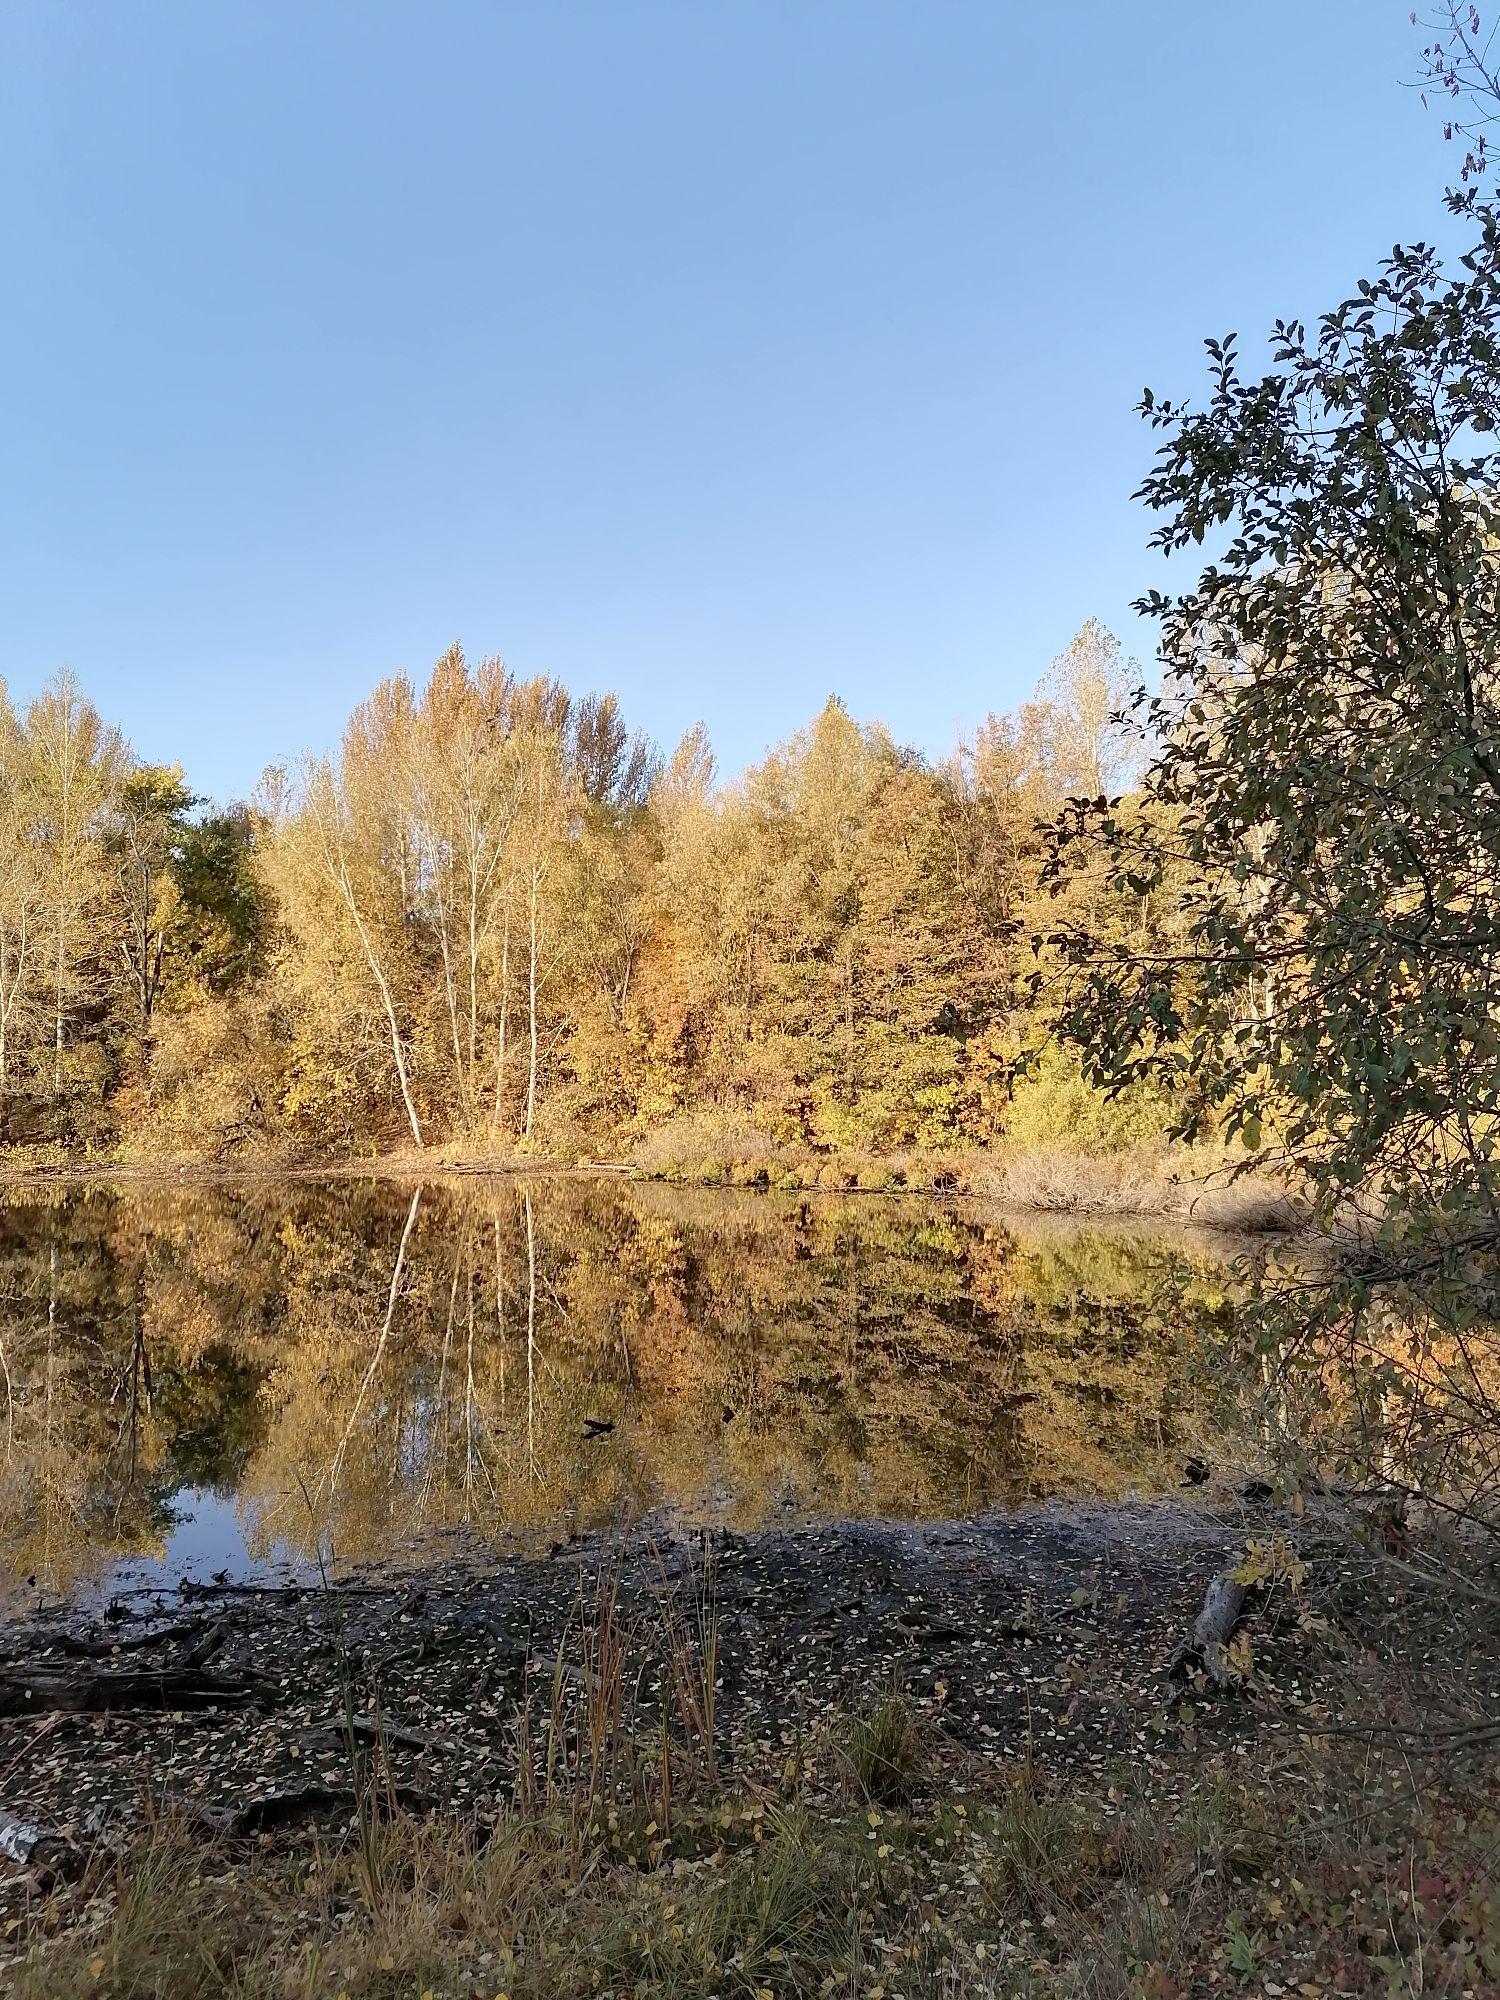 гладь воды как зеркало. жаль,что озеро обмелело к осени